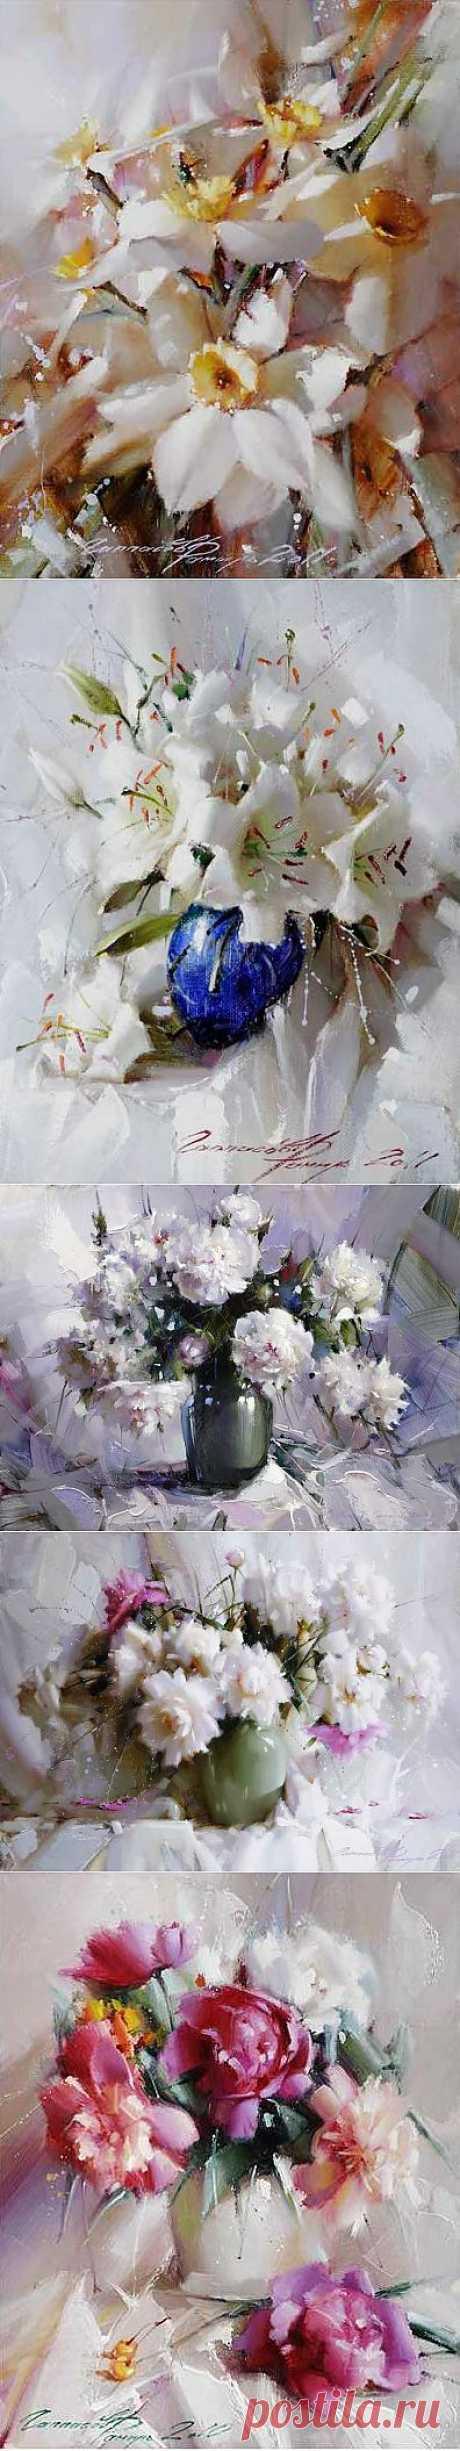 Художник Рамиль Гаппасов. Цветы | Usenkomaxim.ru